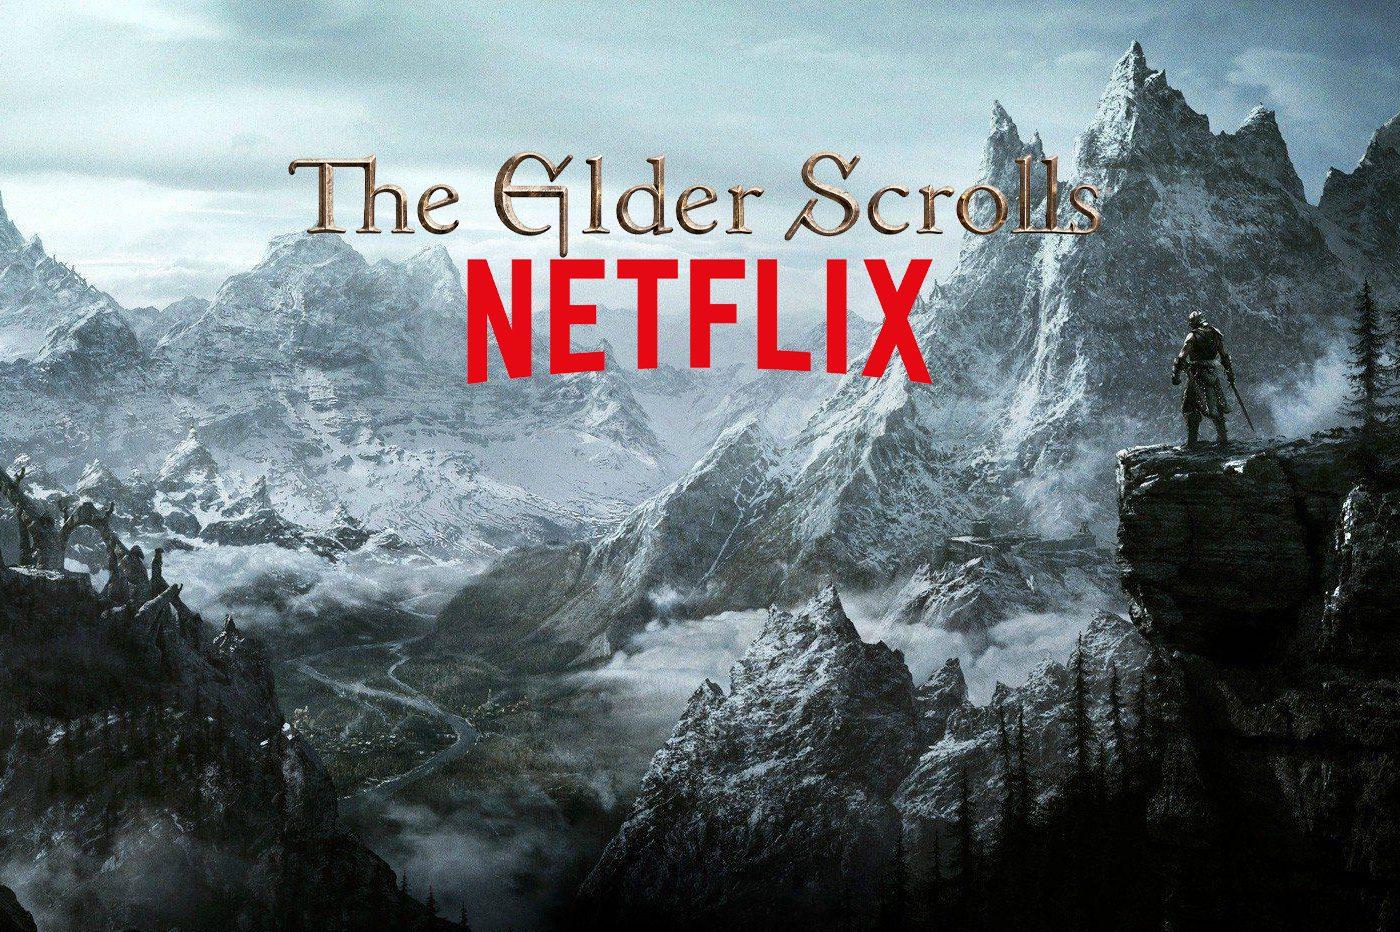 The Elder Scrolls Série Netflix